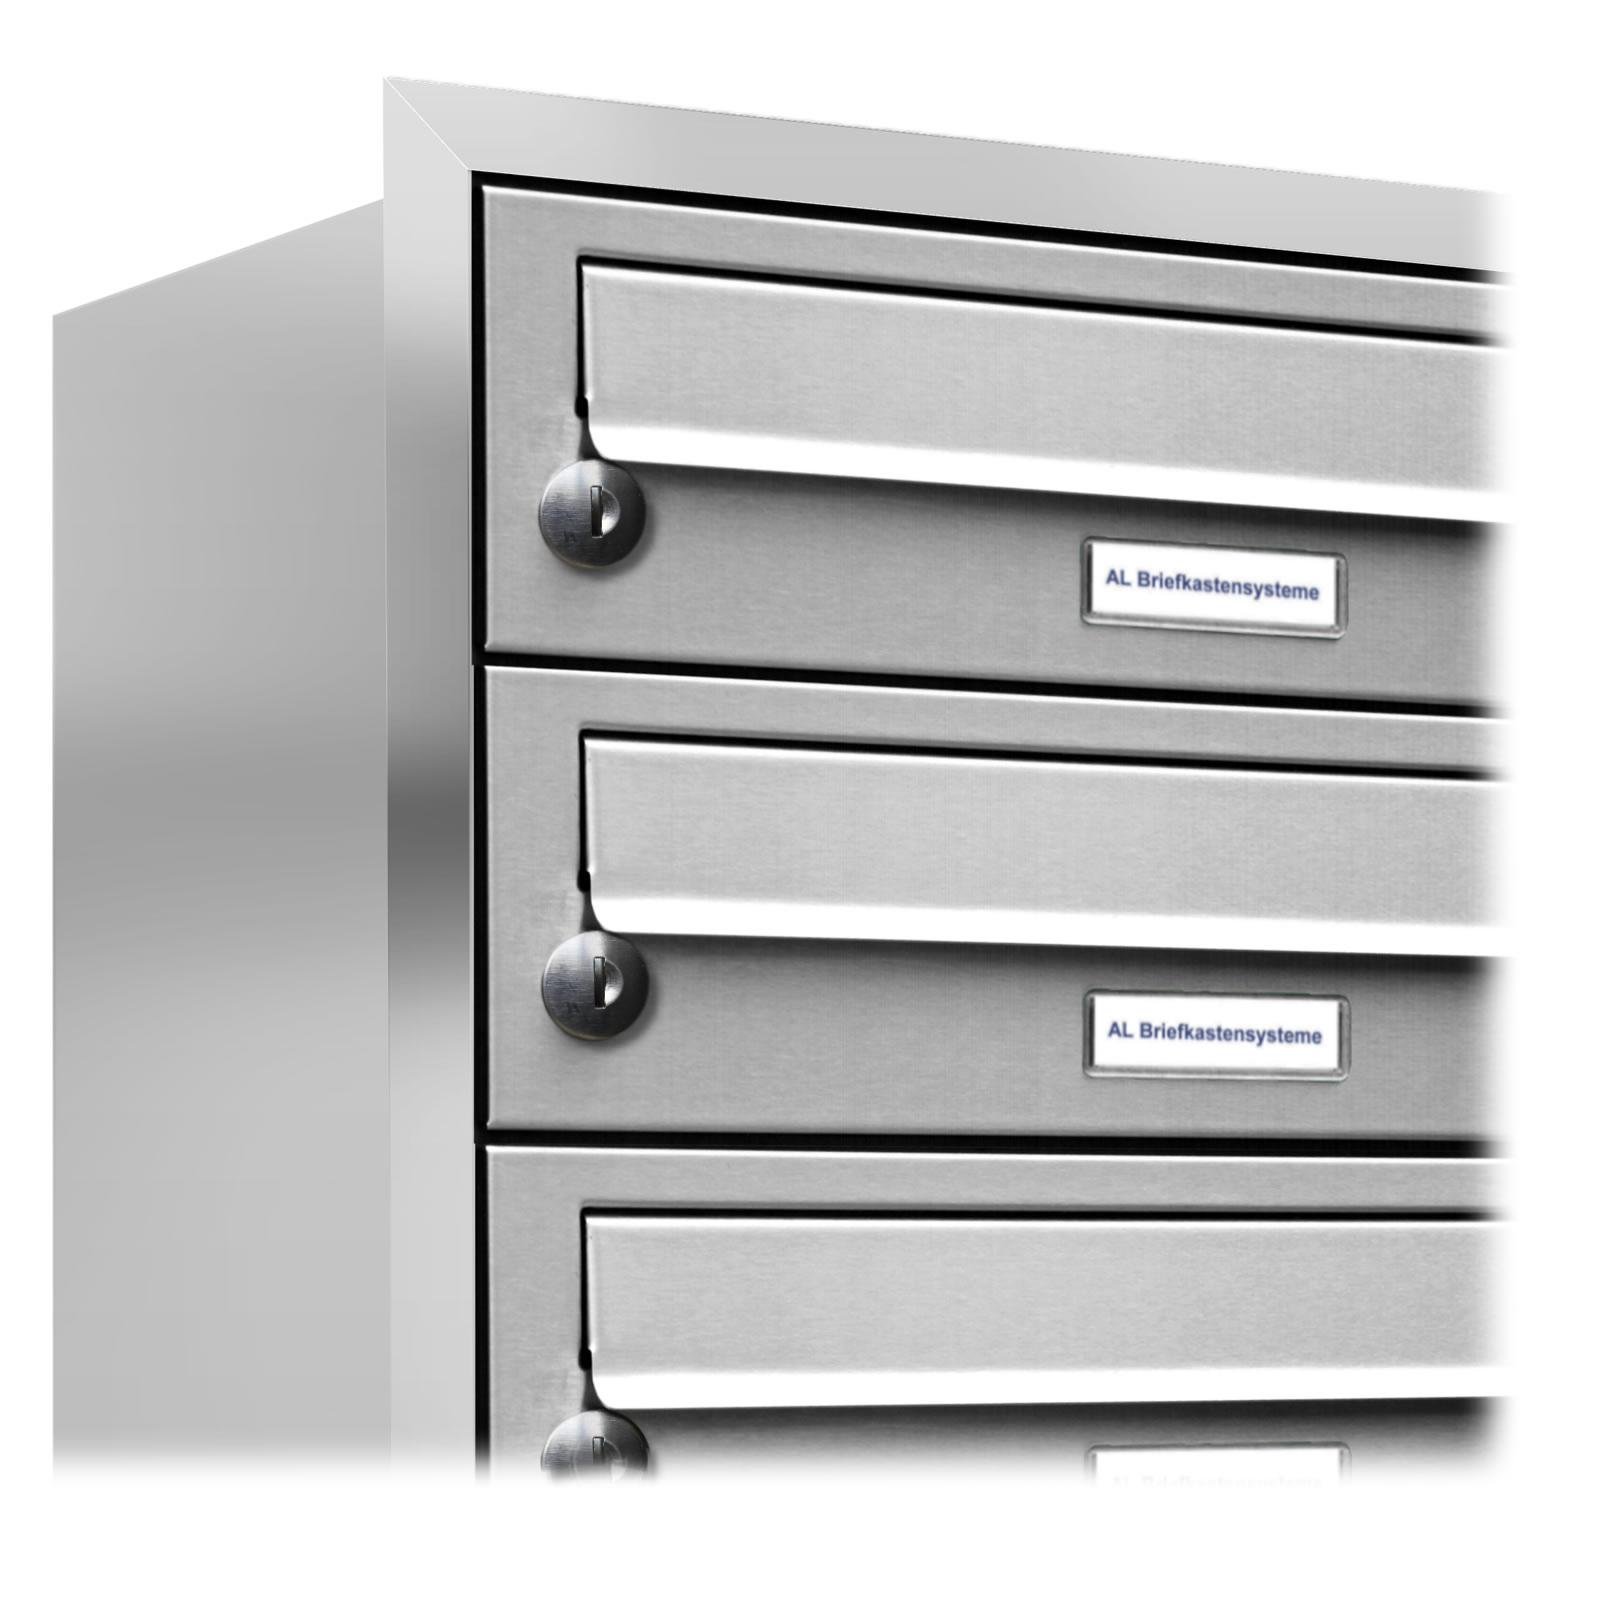 briefkasten unterputz briefkasten unterputz renz eckrahmen mit ksten mit bild nr mocavi box. Black Bedroom Furniture Sets. Home Design Ideas